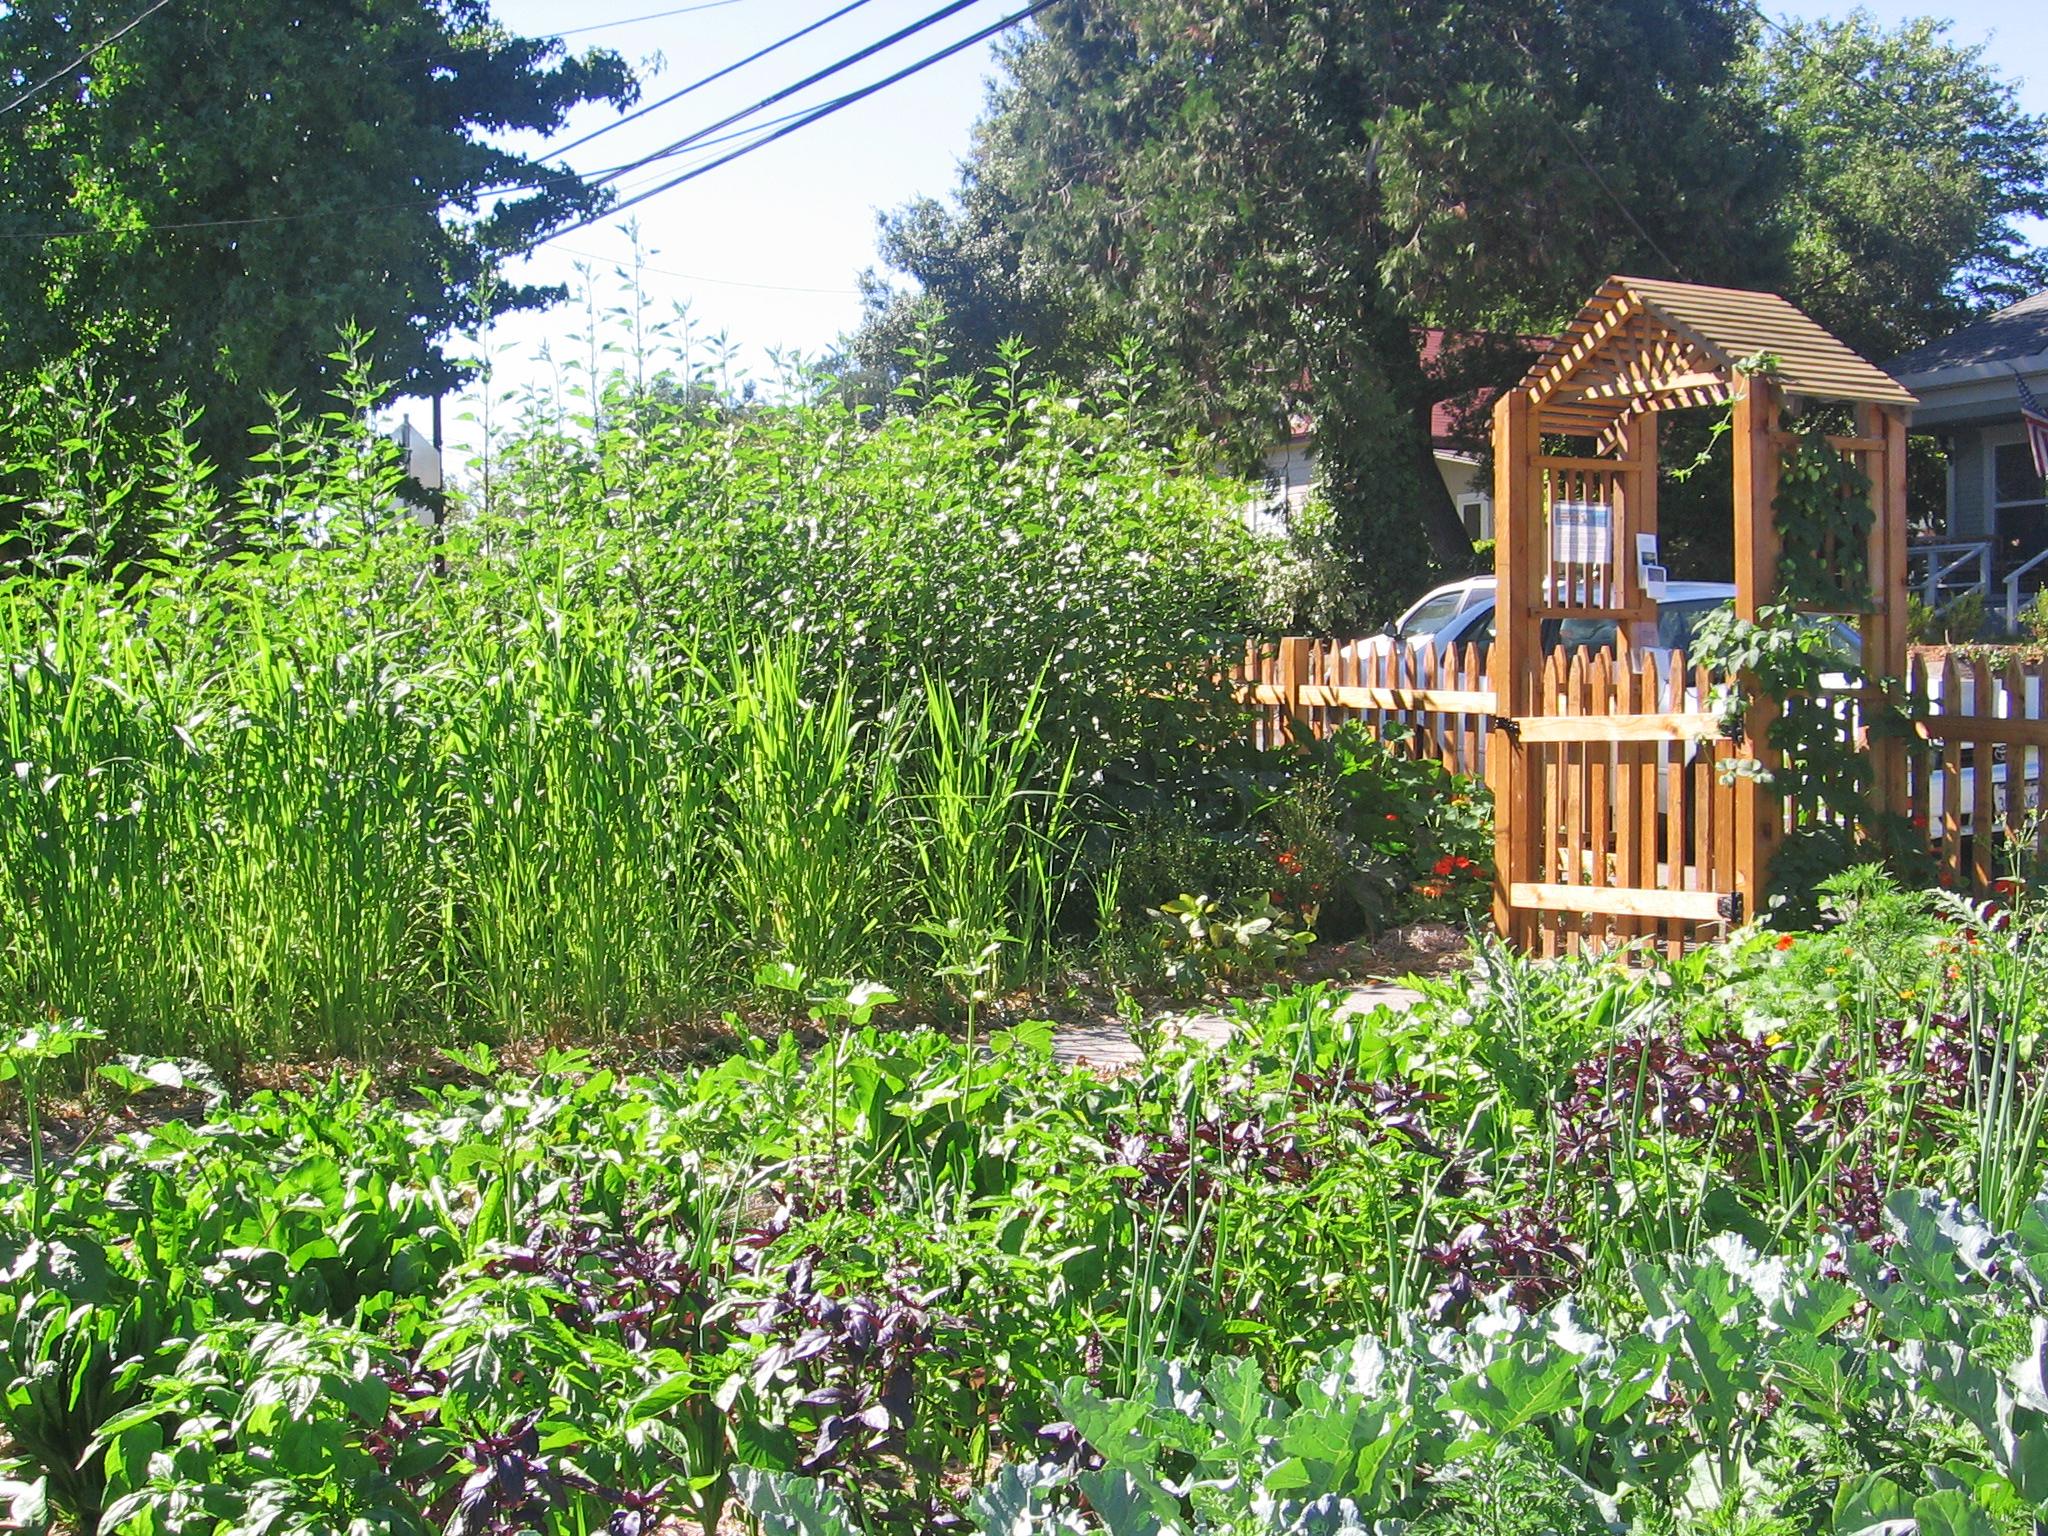 Making the Energy Garden